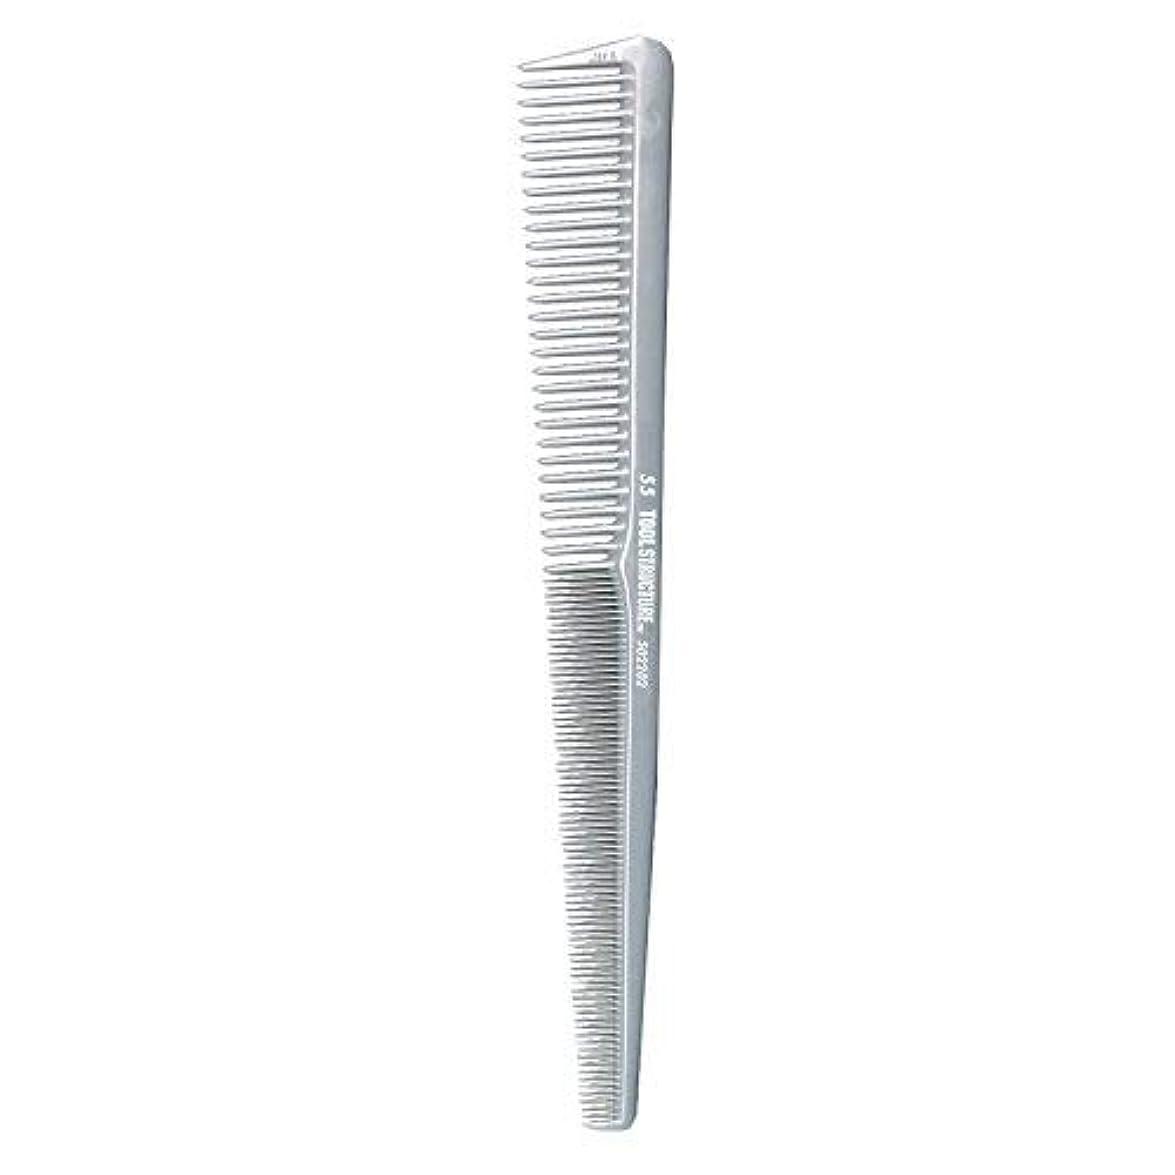 願う説得召喚するTool Structure Barber Comb #55 [並行輸入品]